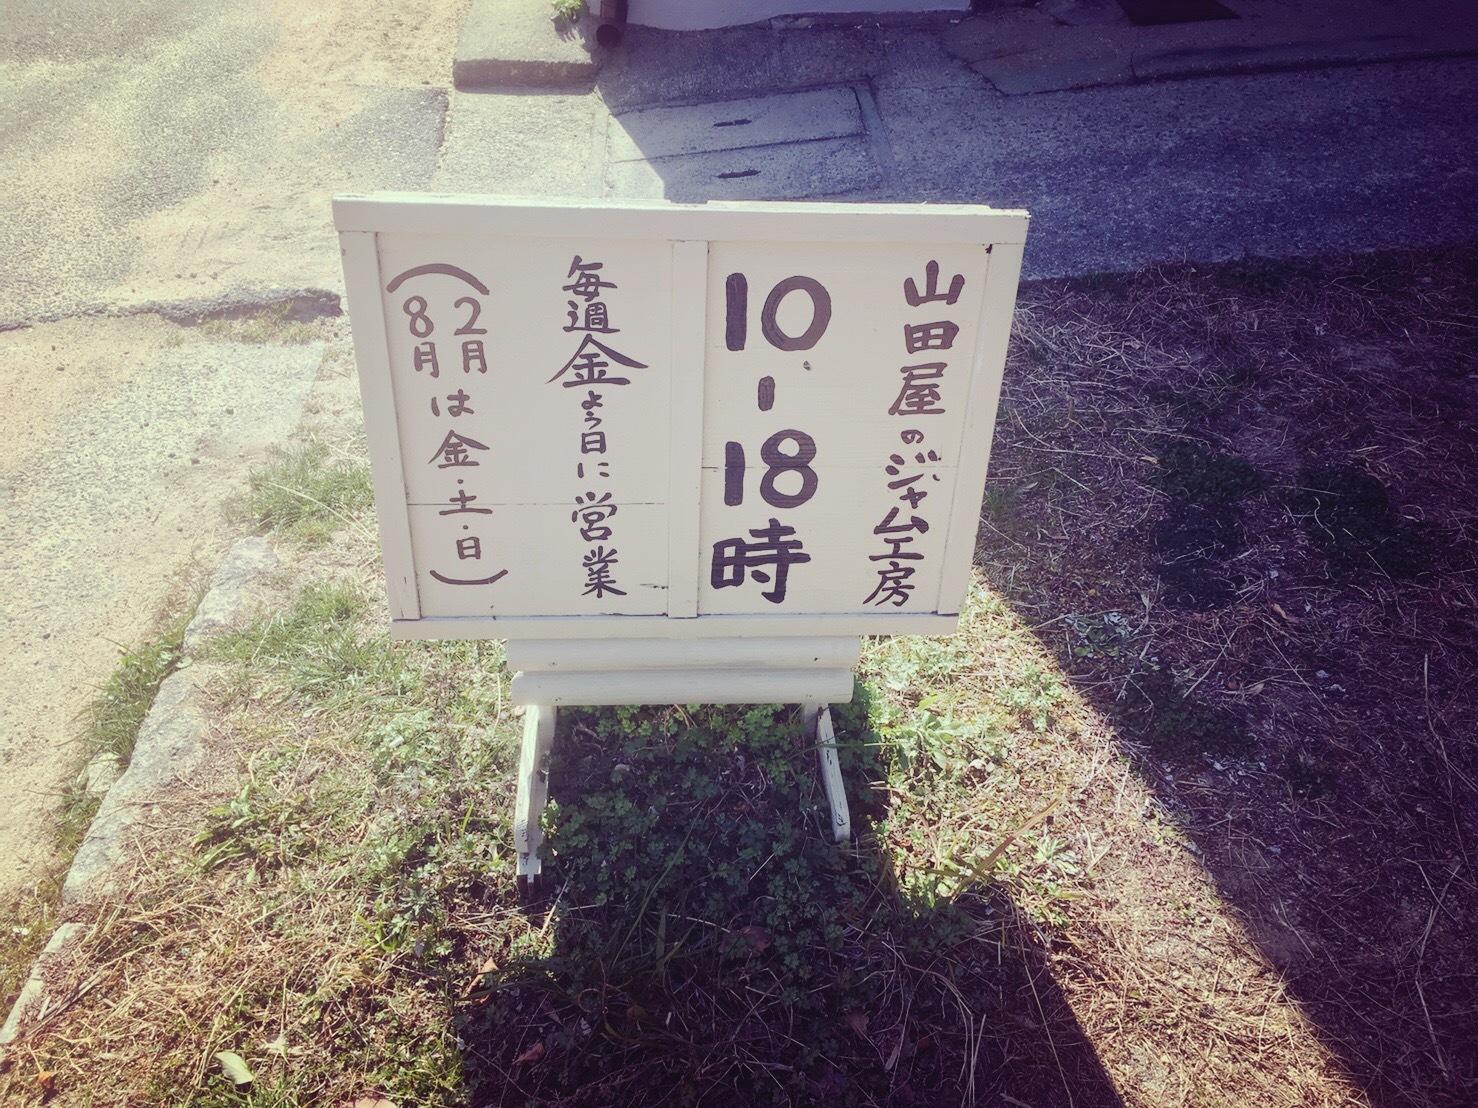 山田屋の駐車場